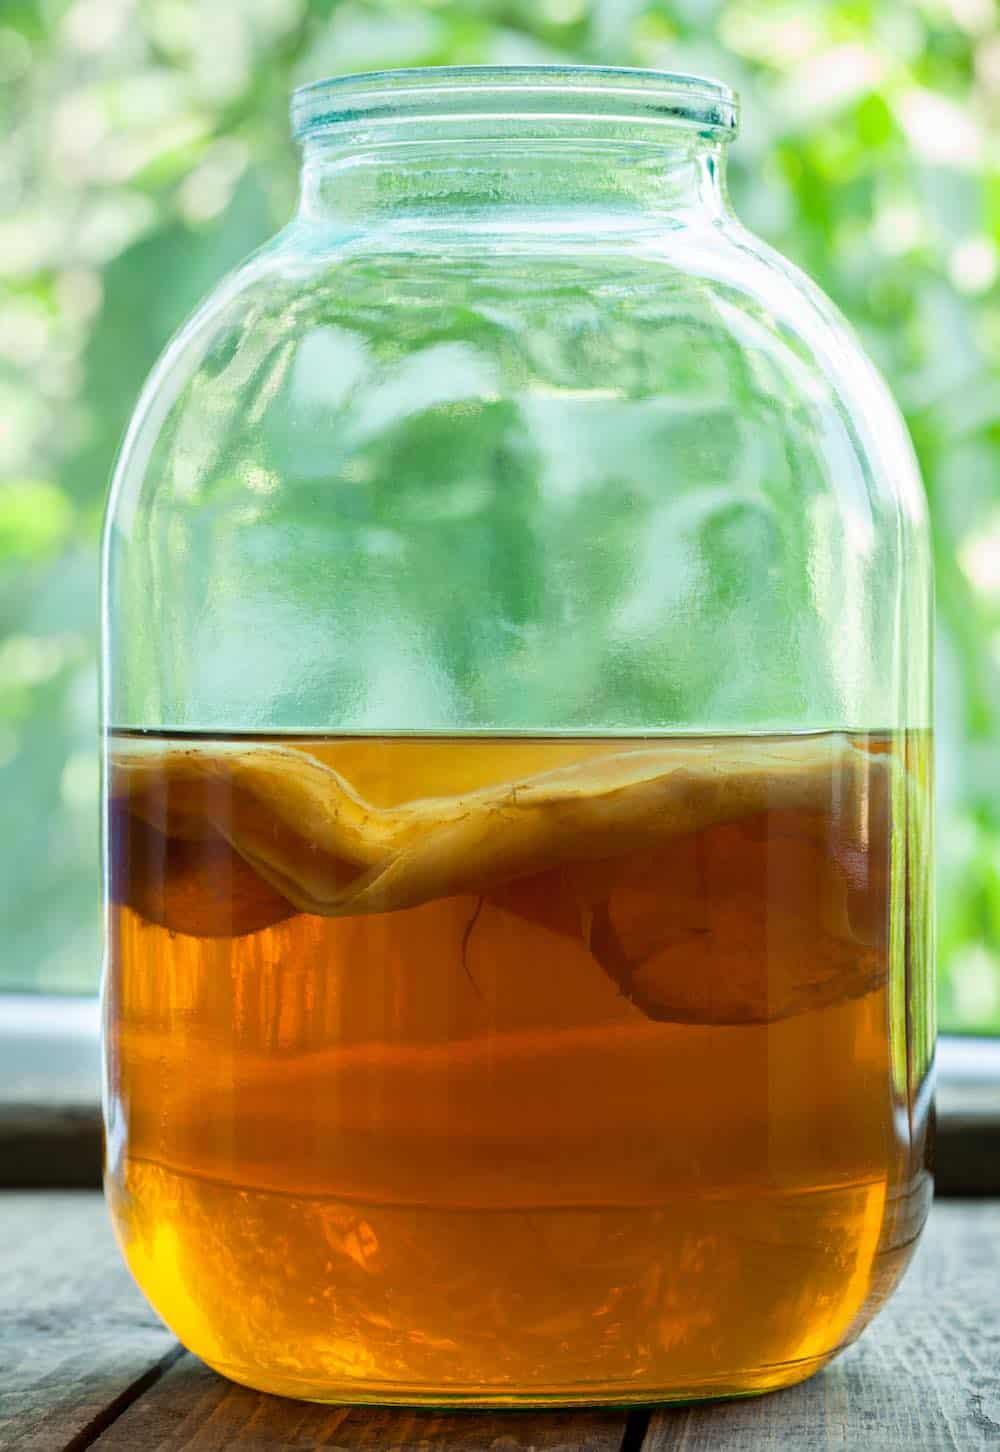 jar of kombucha brewing